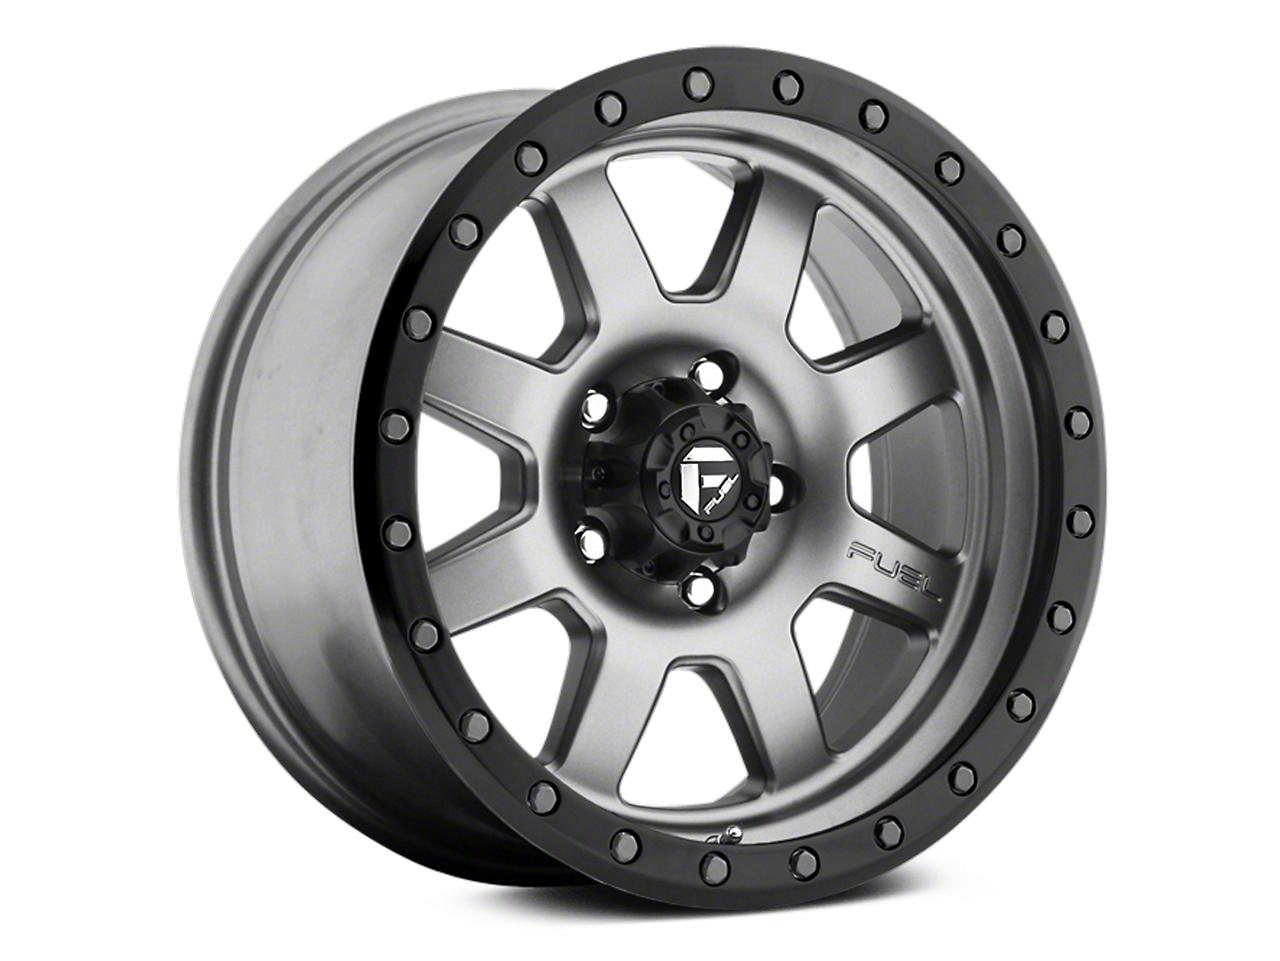 Fuel Wheels Trophy Anthracite w/ Black Ring 6-Lug Wheel - 17x8.5 (07-18 Sierra 1500)